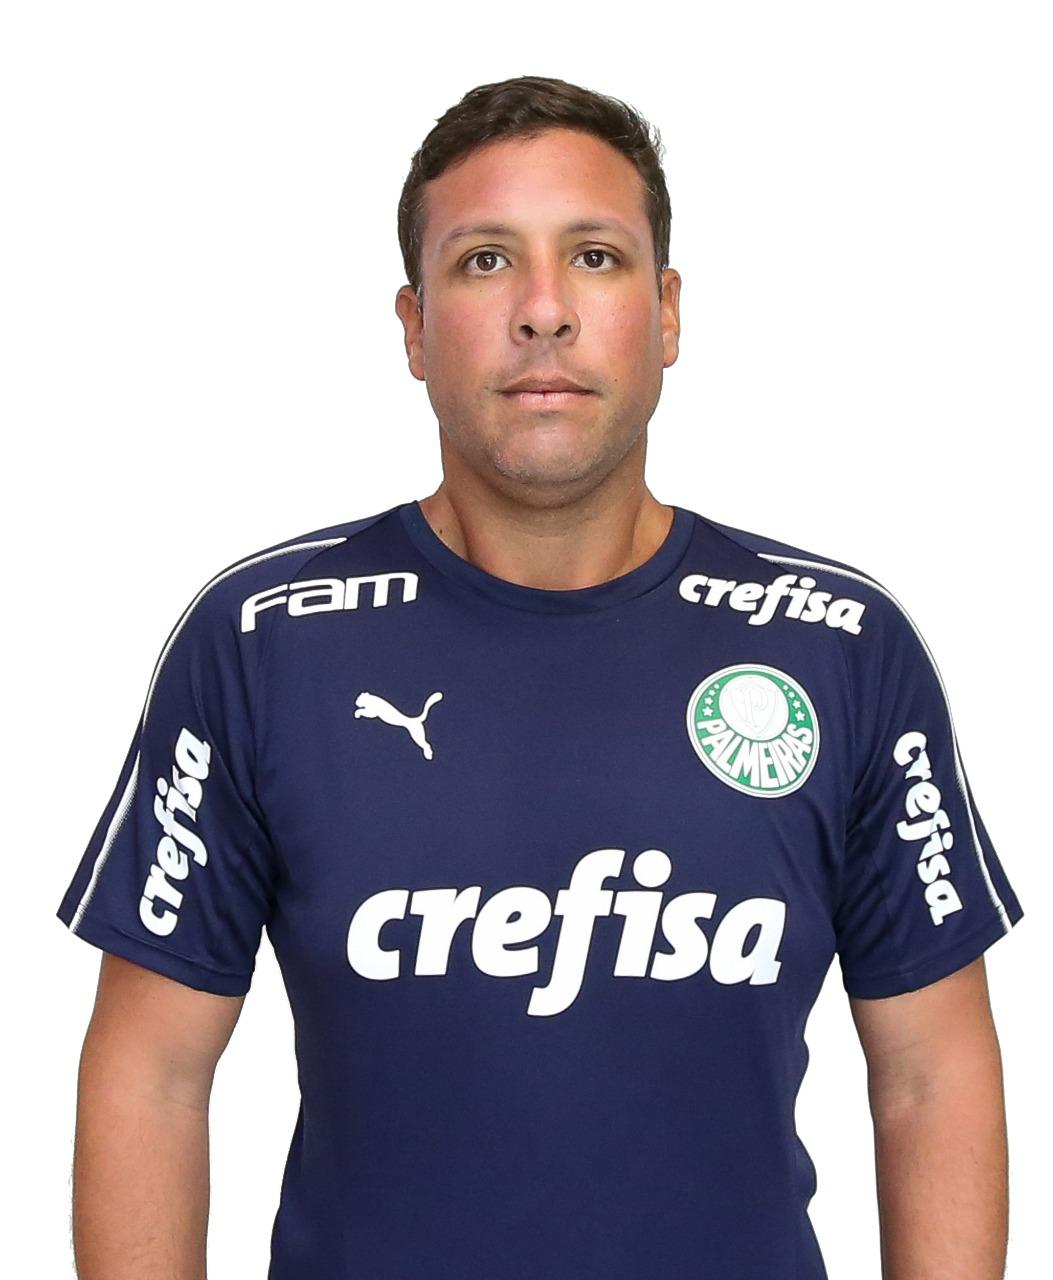 Vinicius Martins Franco